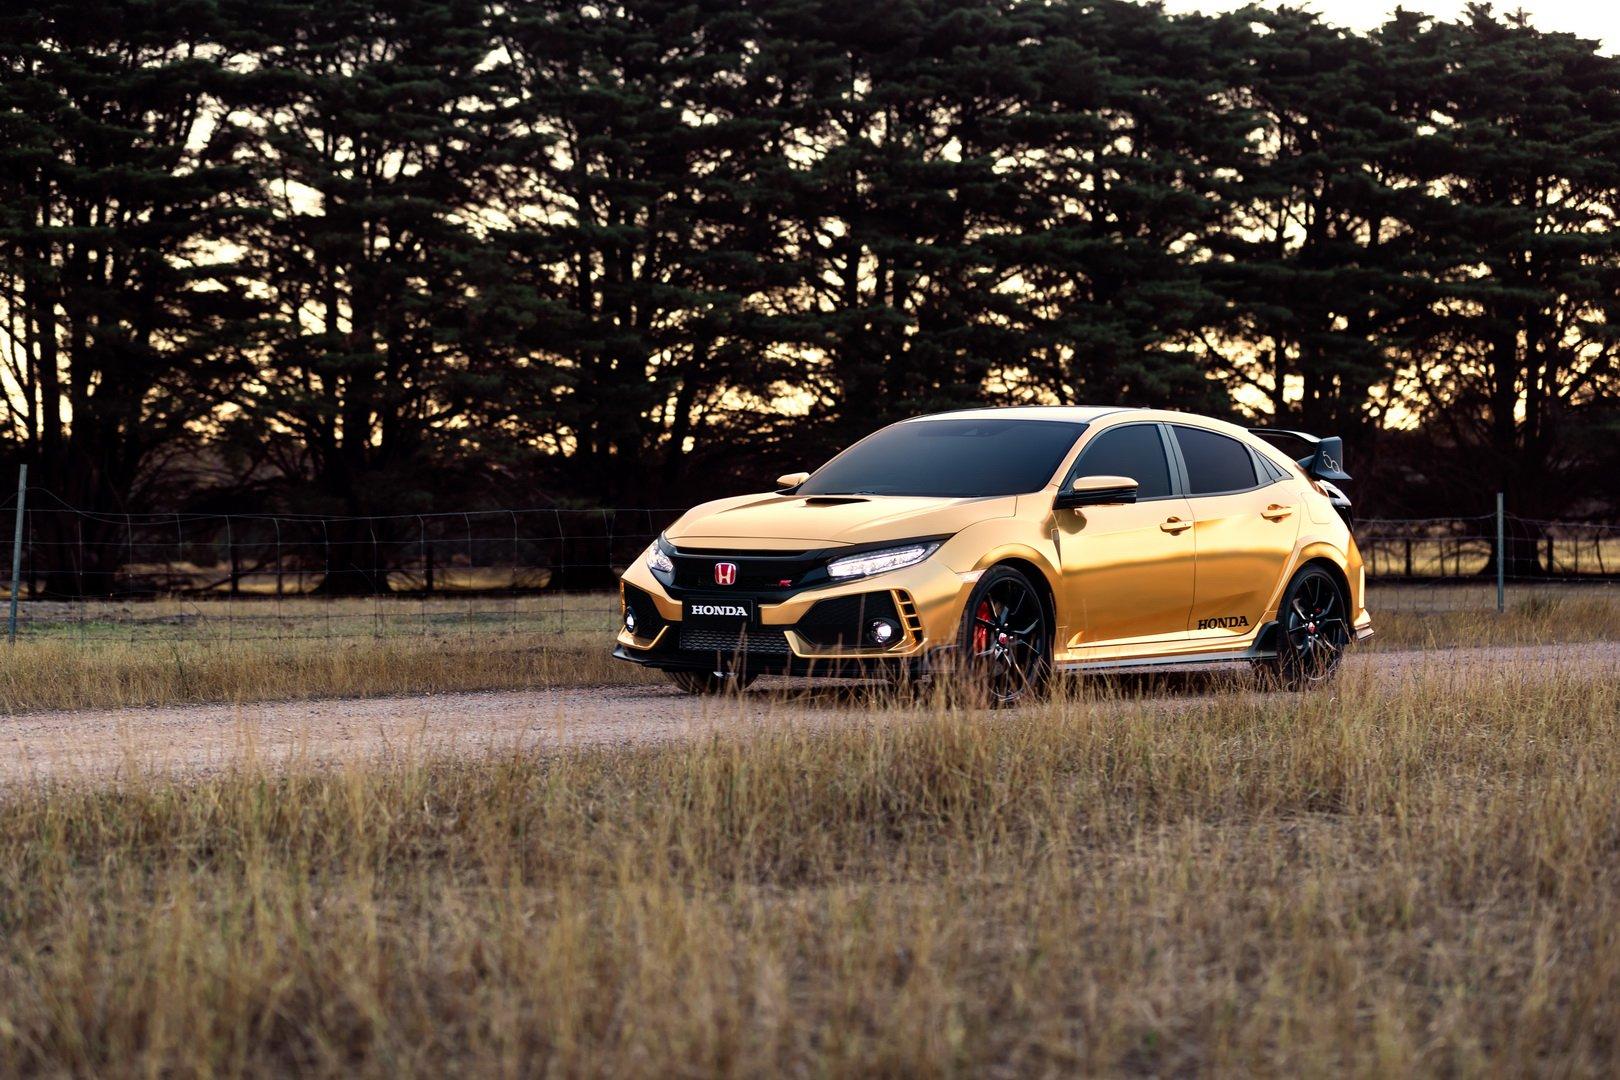 Honda_Australia_50_Years_NSX_Civic_Type_R_0013